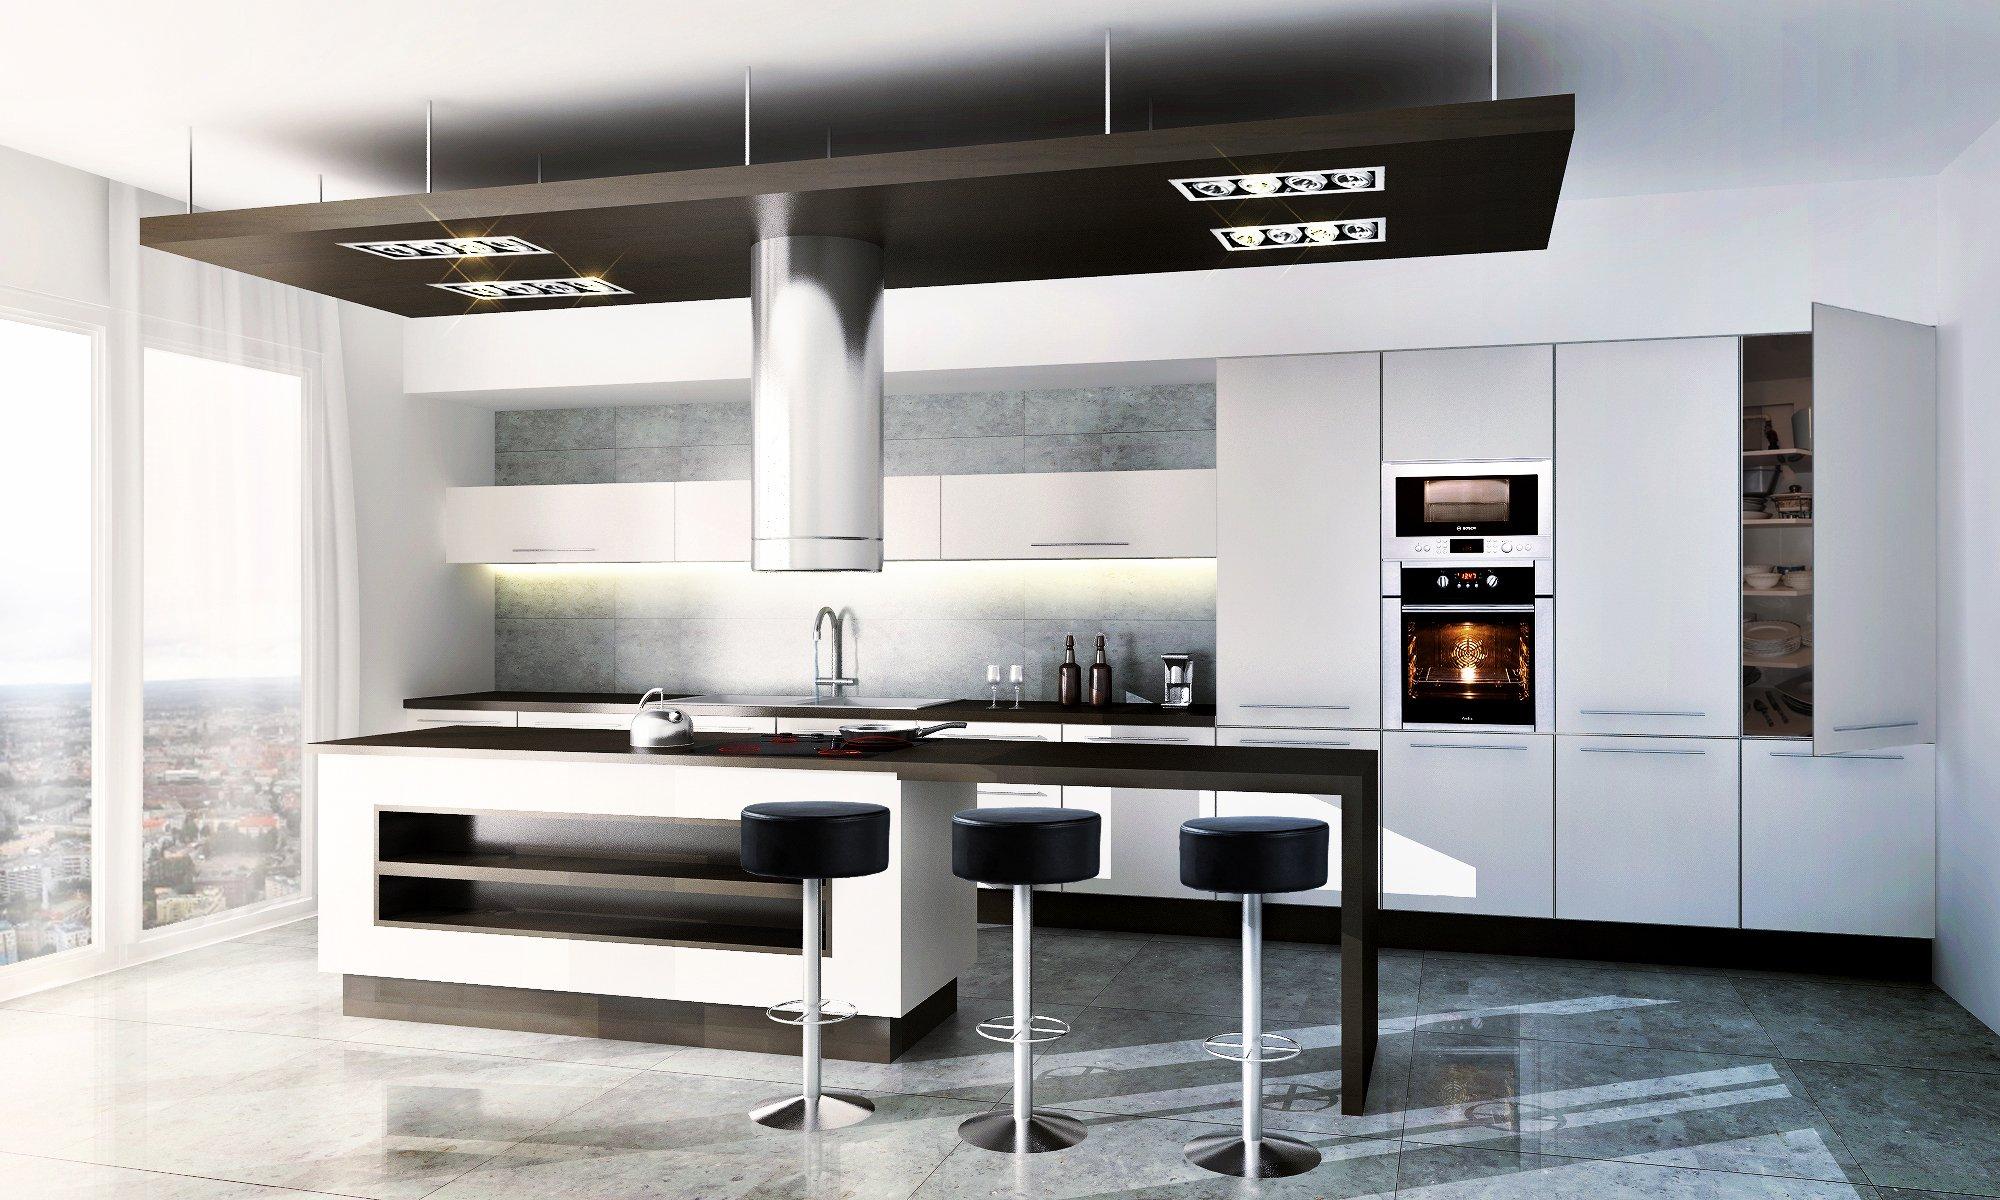 Modern kitchen vizblog free 3d models free 3d base - Modern eetkamer model ...